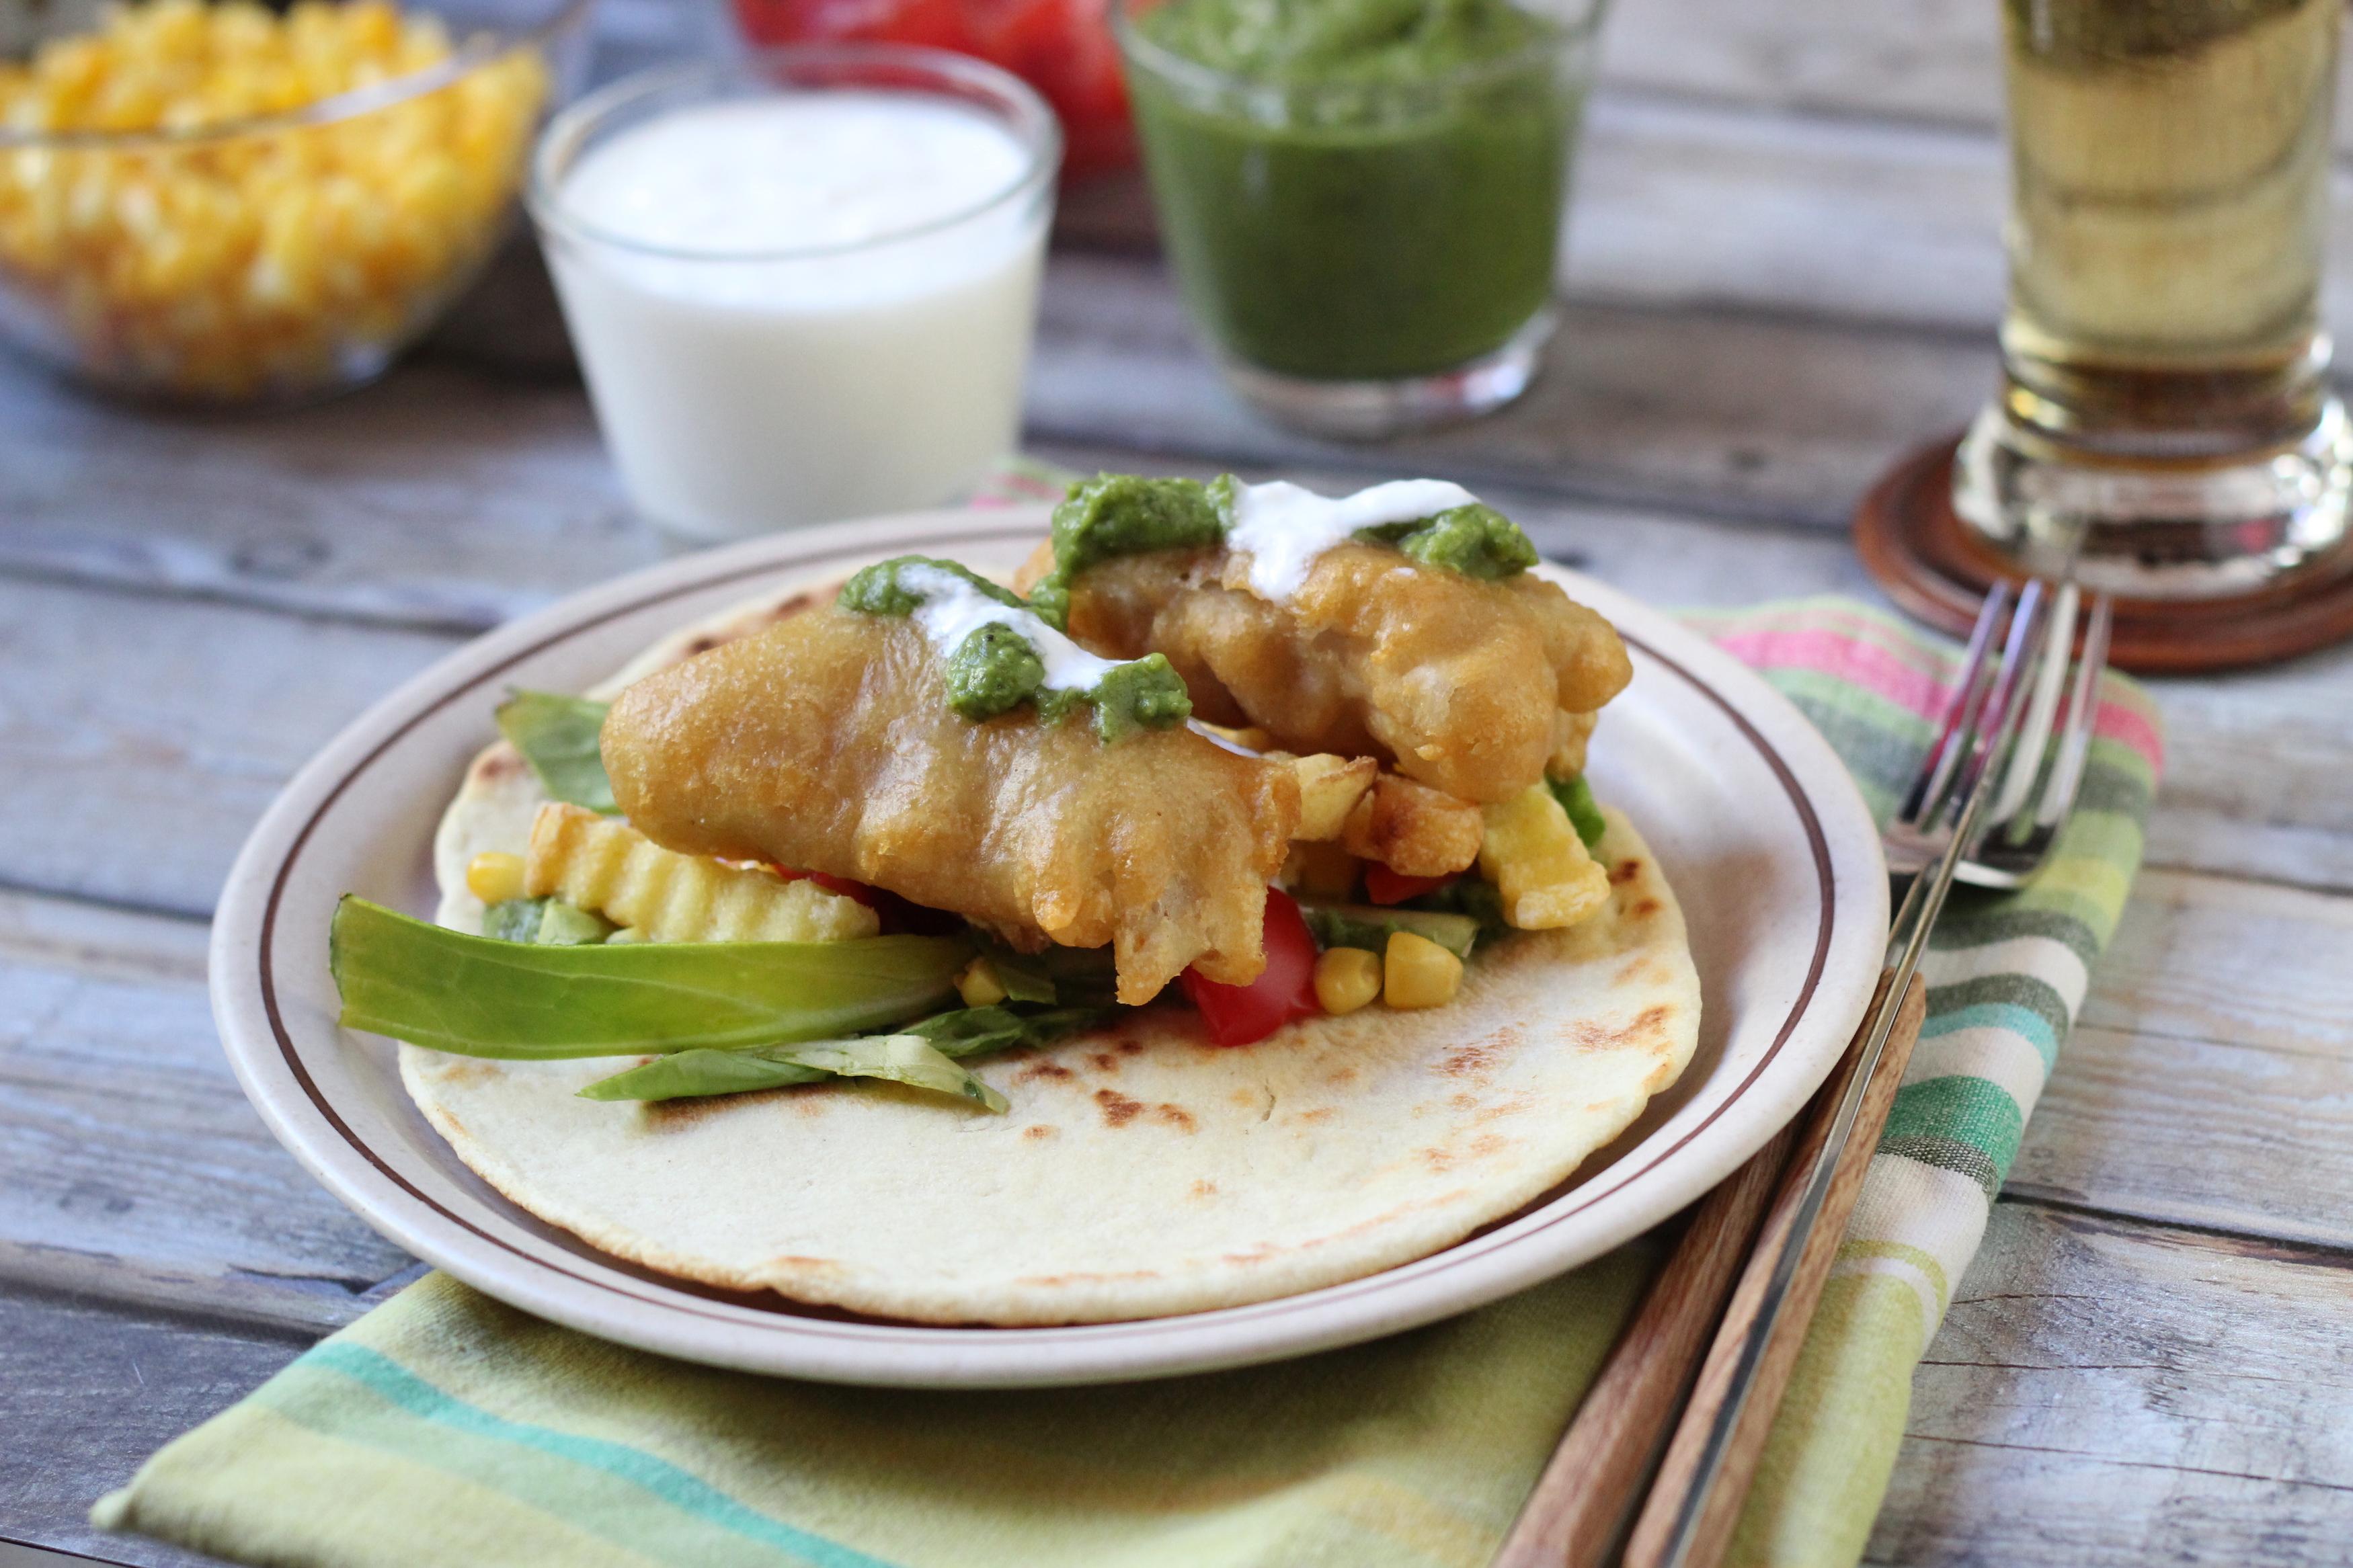 Fish and chips tortilla - Csinálj két ételből egy újat!